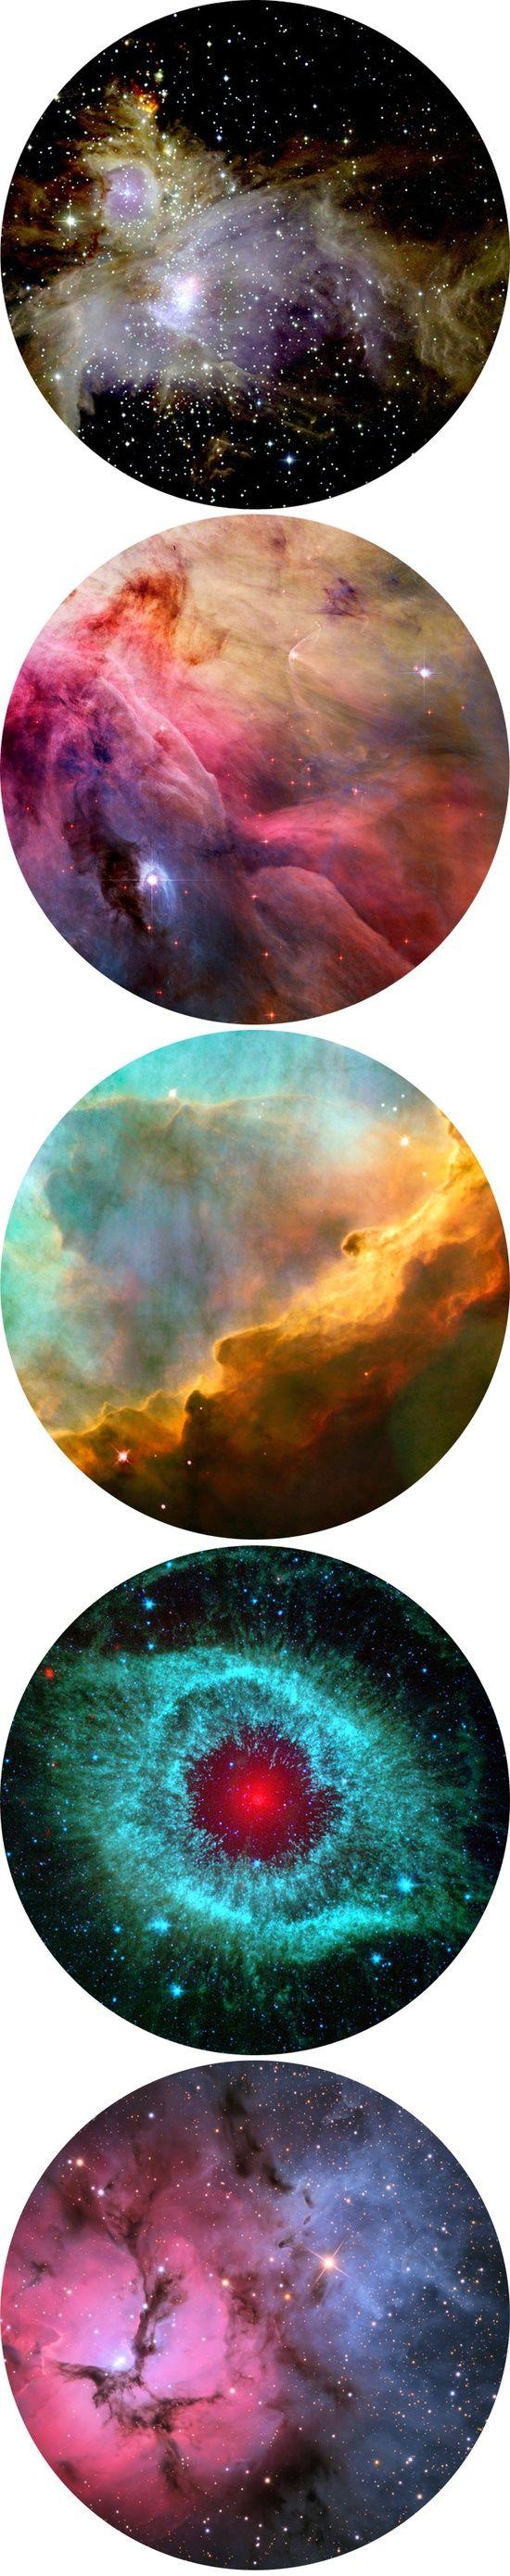 alienware galaxy space memories - photo #41